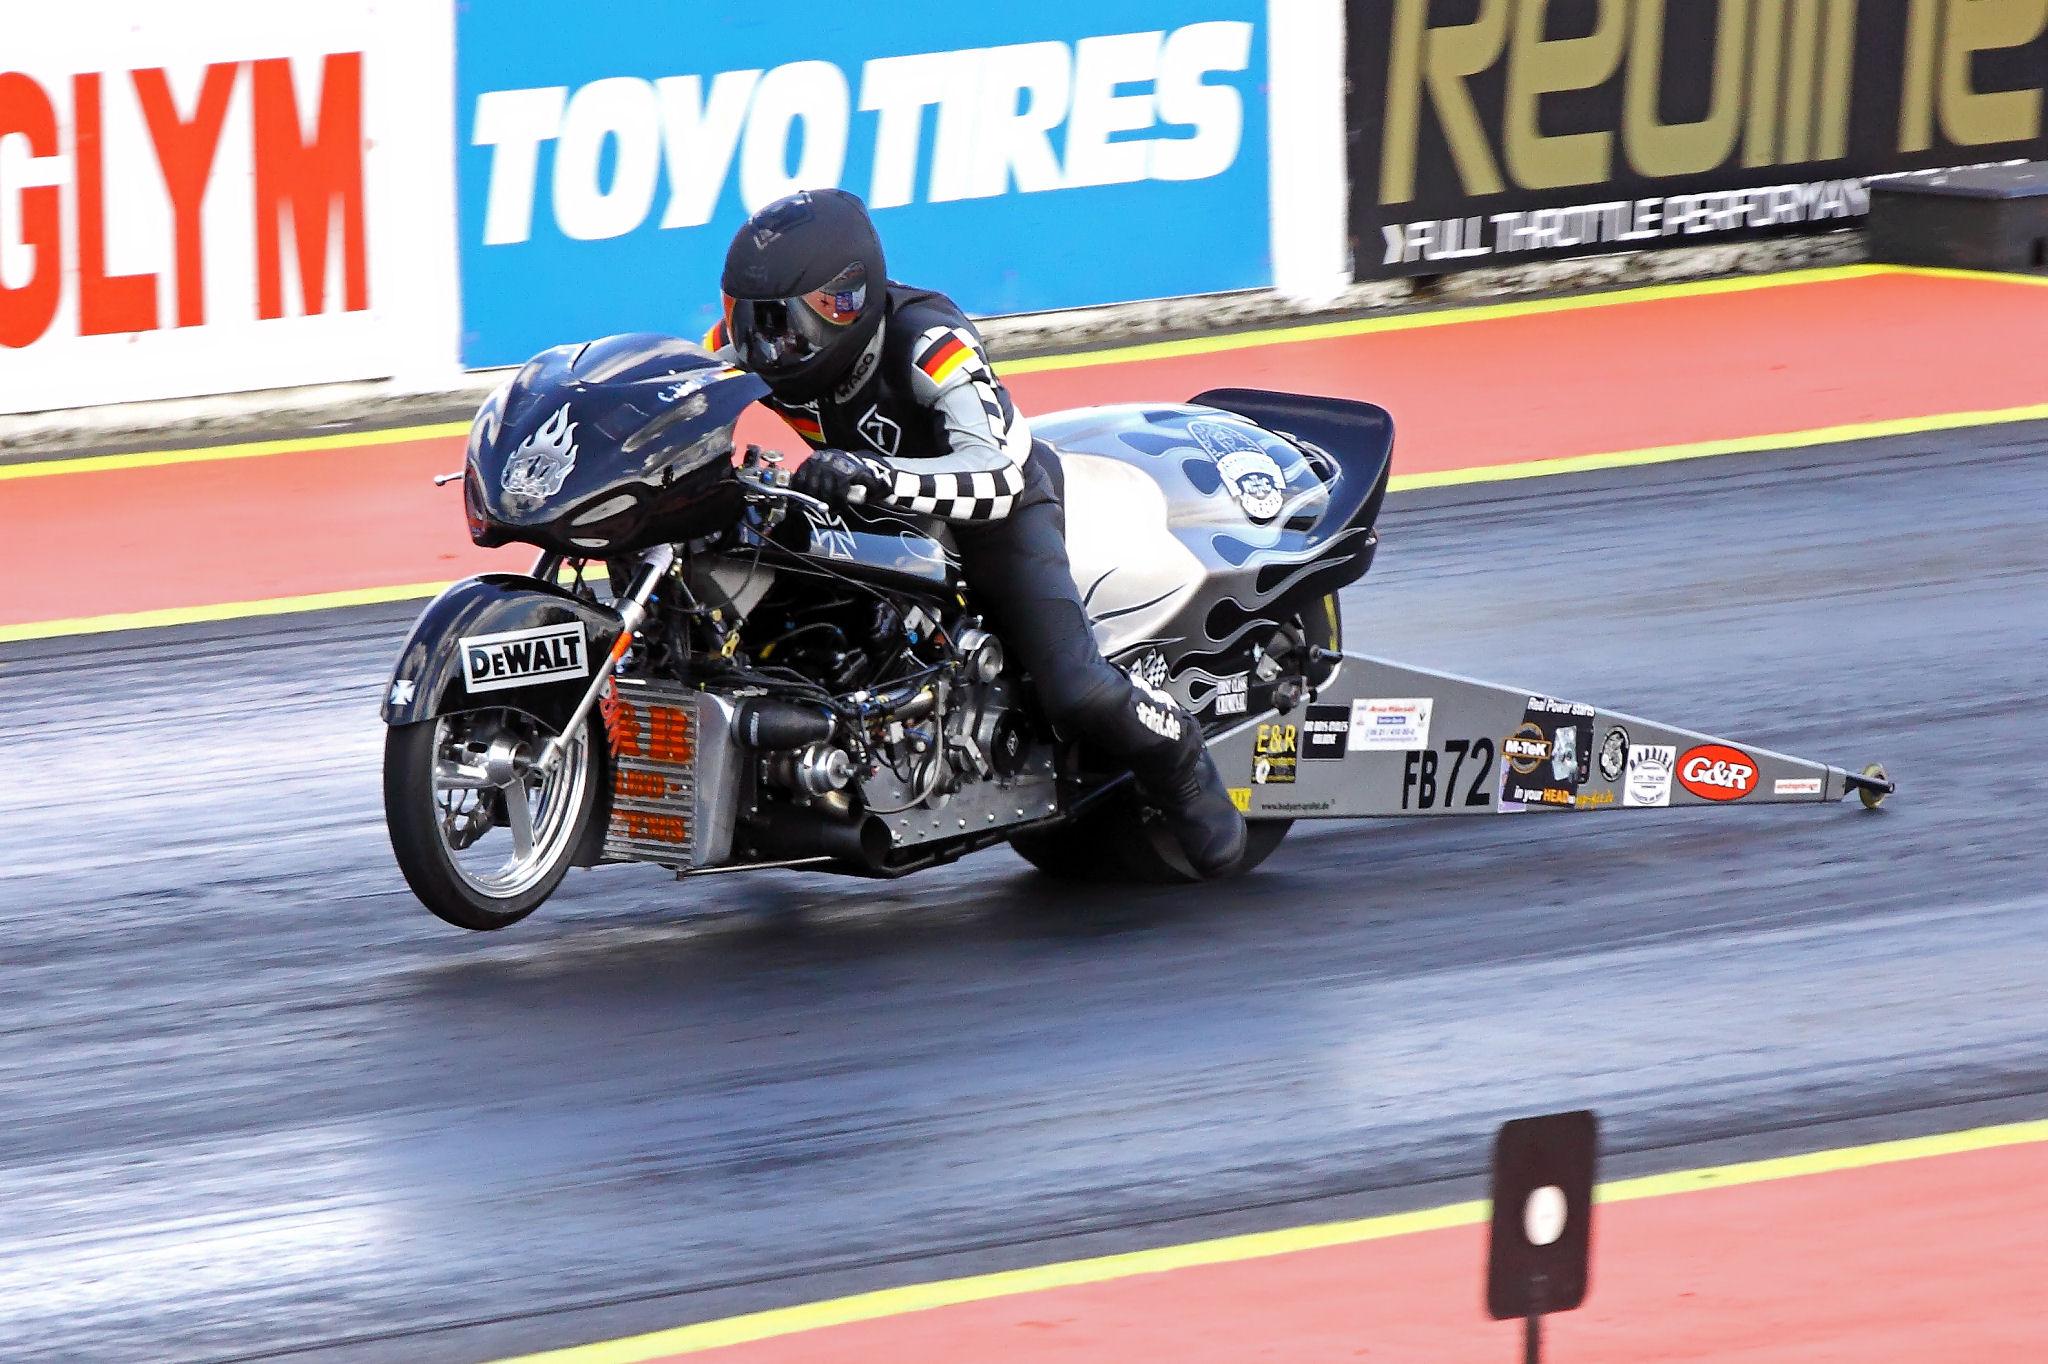 File Uem Funny Bike Suzuki 1327cc Santa Pod 2010 4656811457